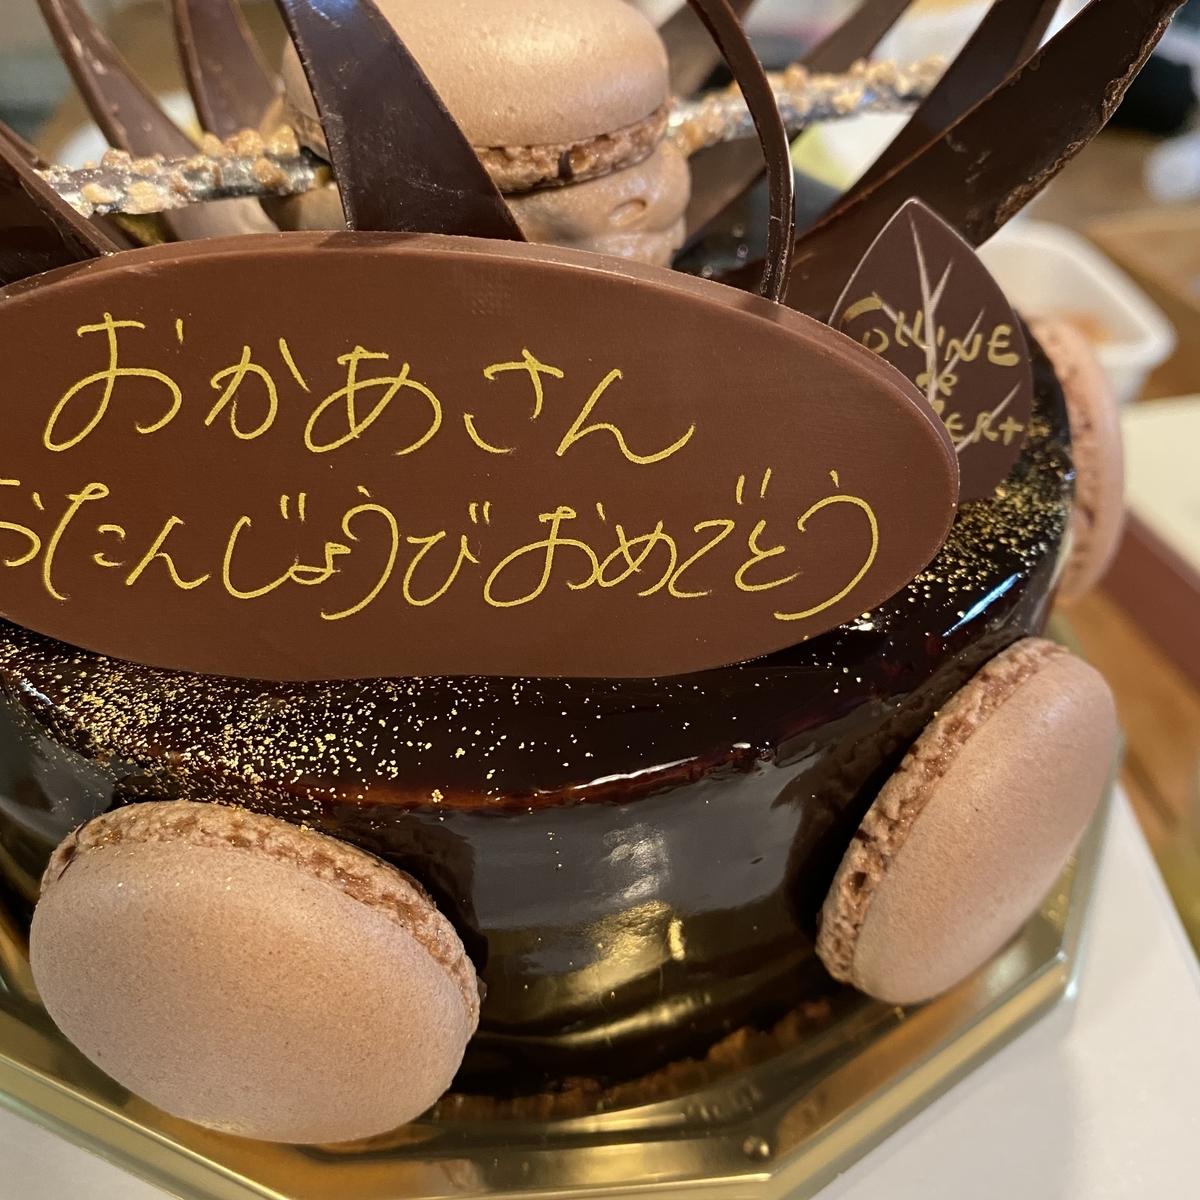 20210104誕生日ケーキをもらいました!